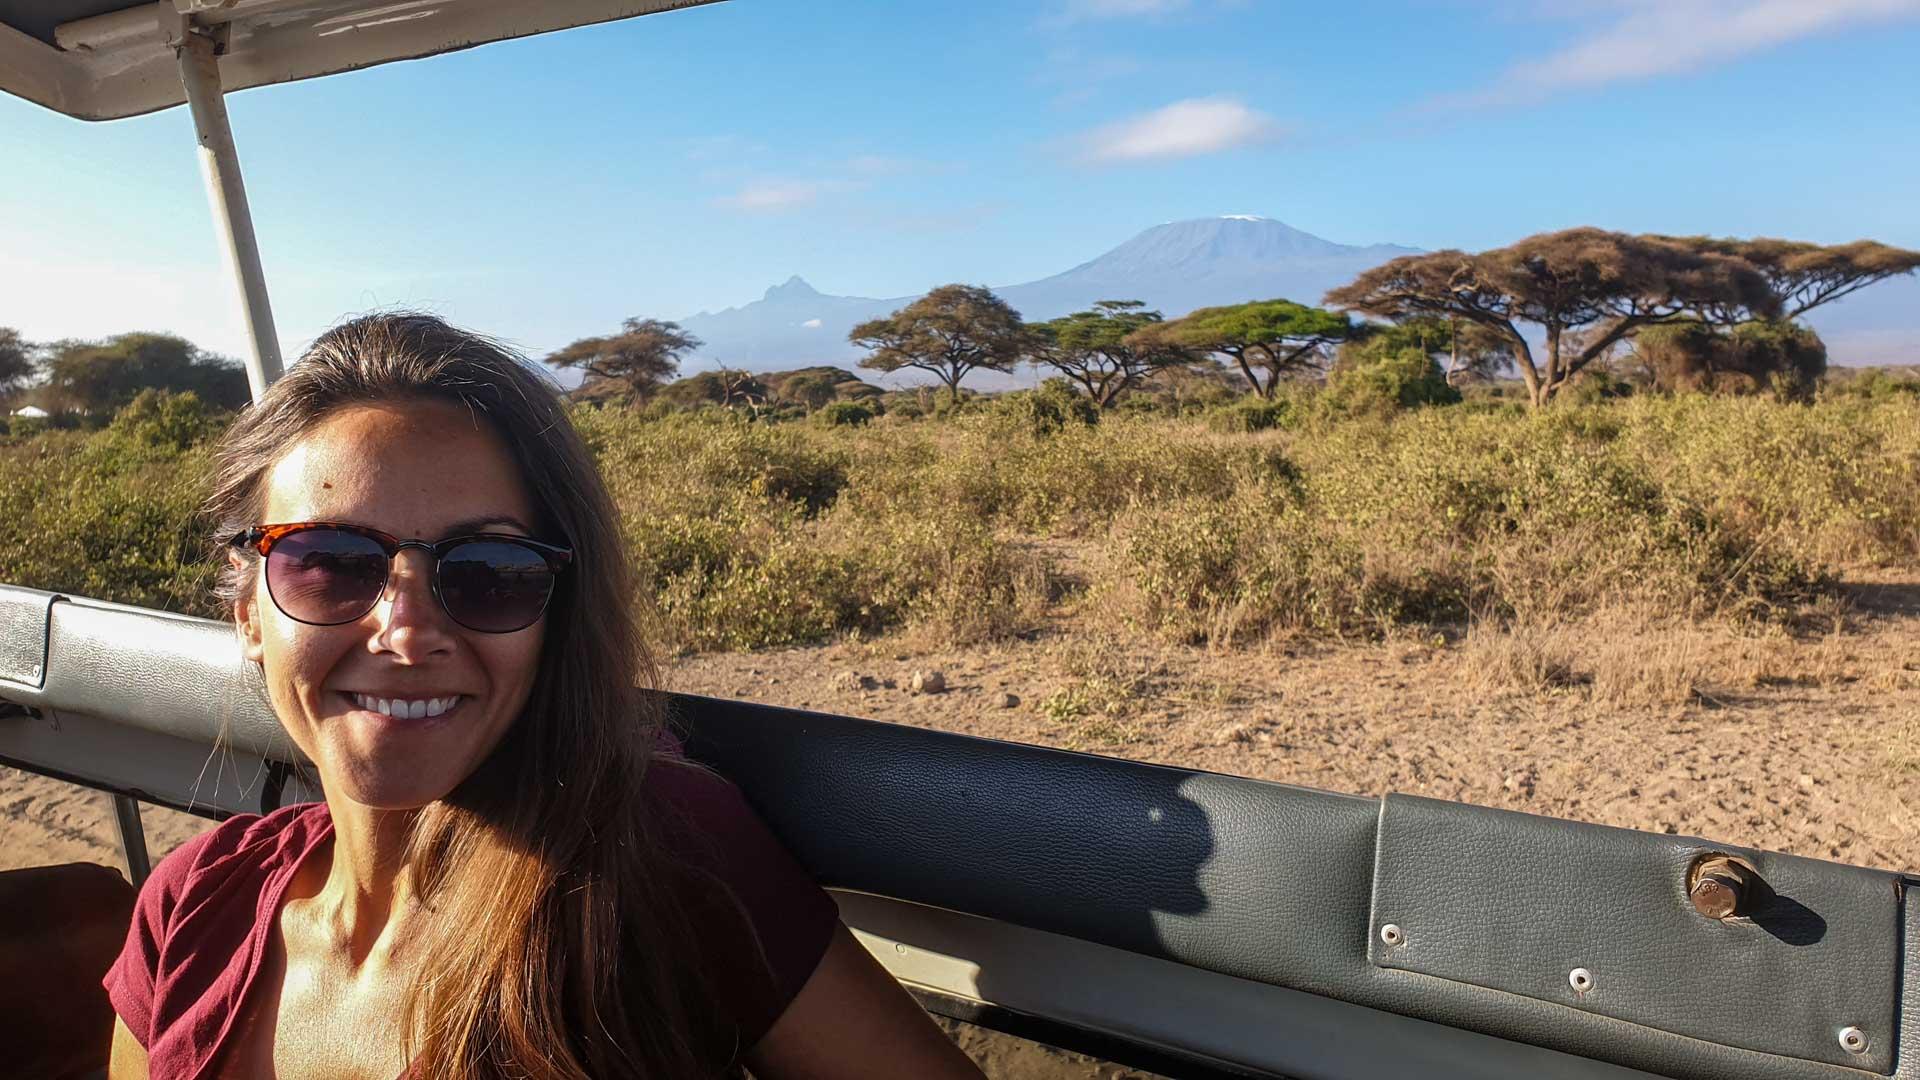 El monte Kilimanjaro amanecía totalmente despejado, Amboseli, Kenia